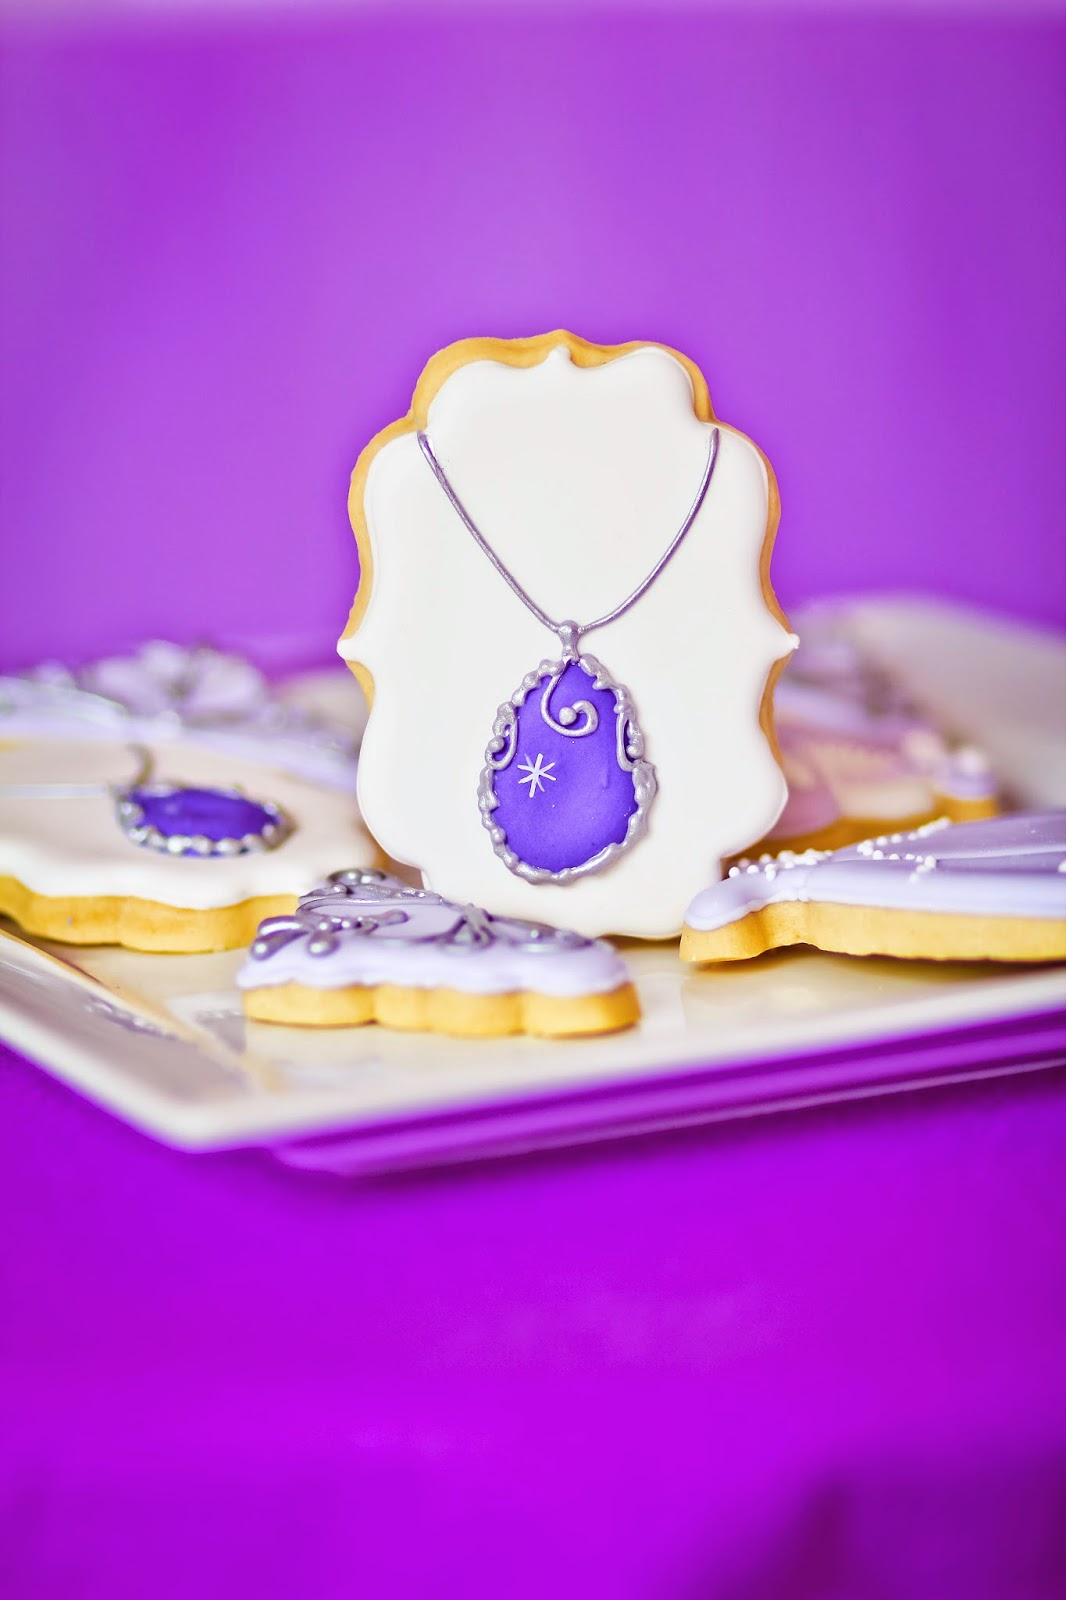 festa princesa sofia comidinha biscoitos